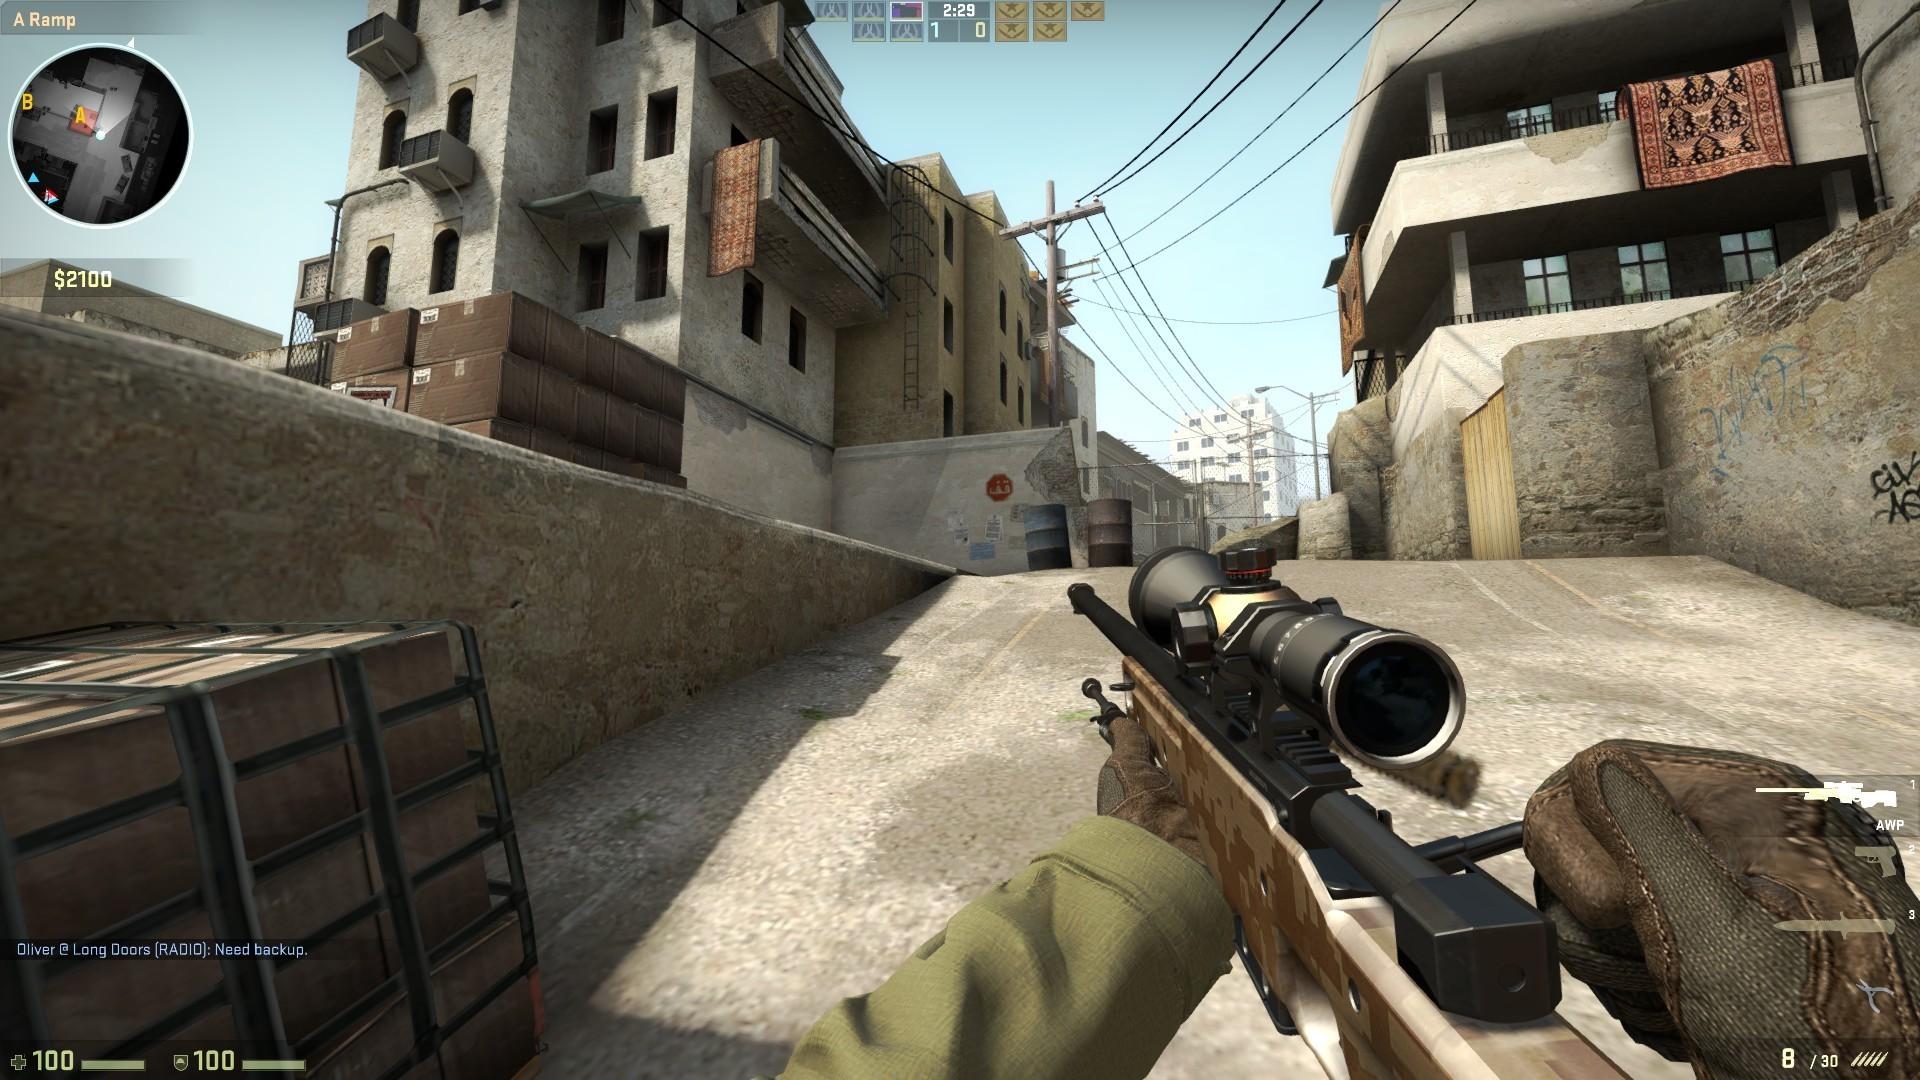 Hasil gambar untuk gambar game counter strike global offense